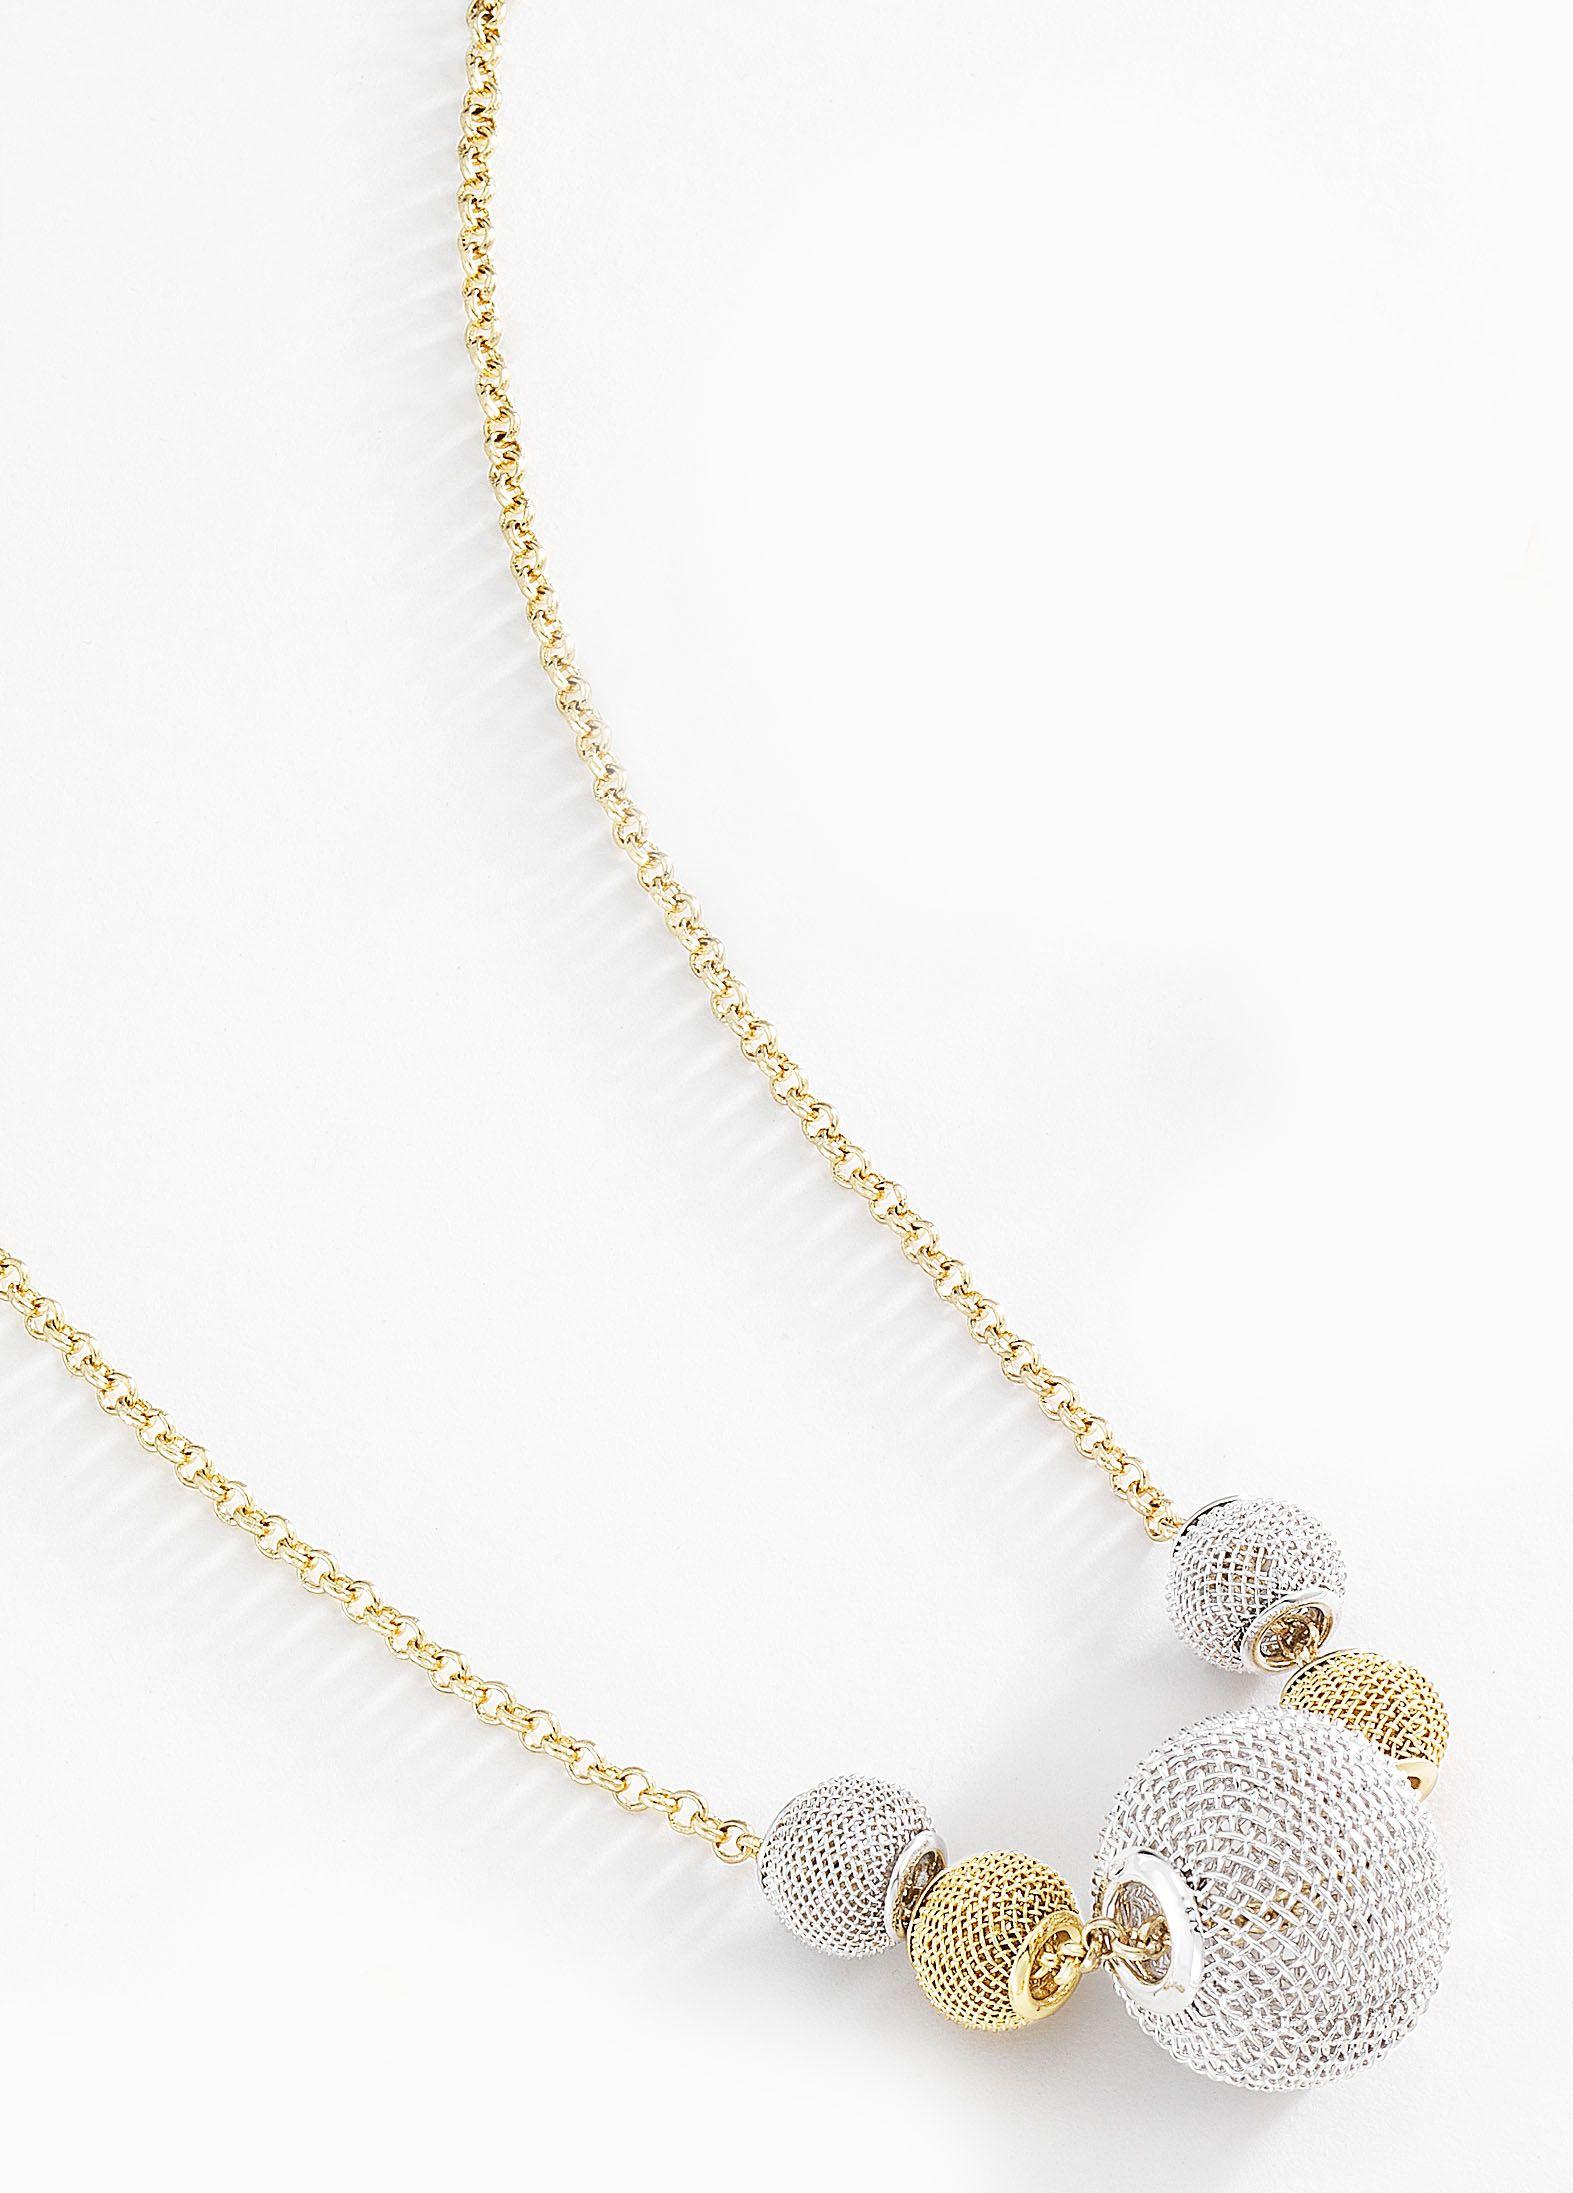 ae47281ad921 Fino collar con cadena delgada y dijes en color blanco y dorado en forma de  filigrana